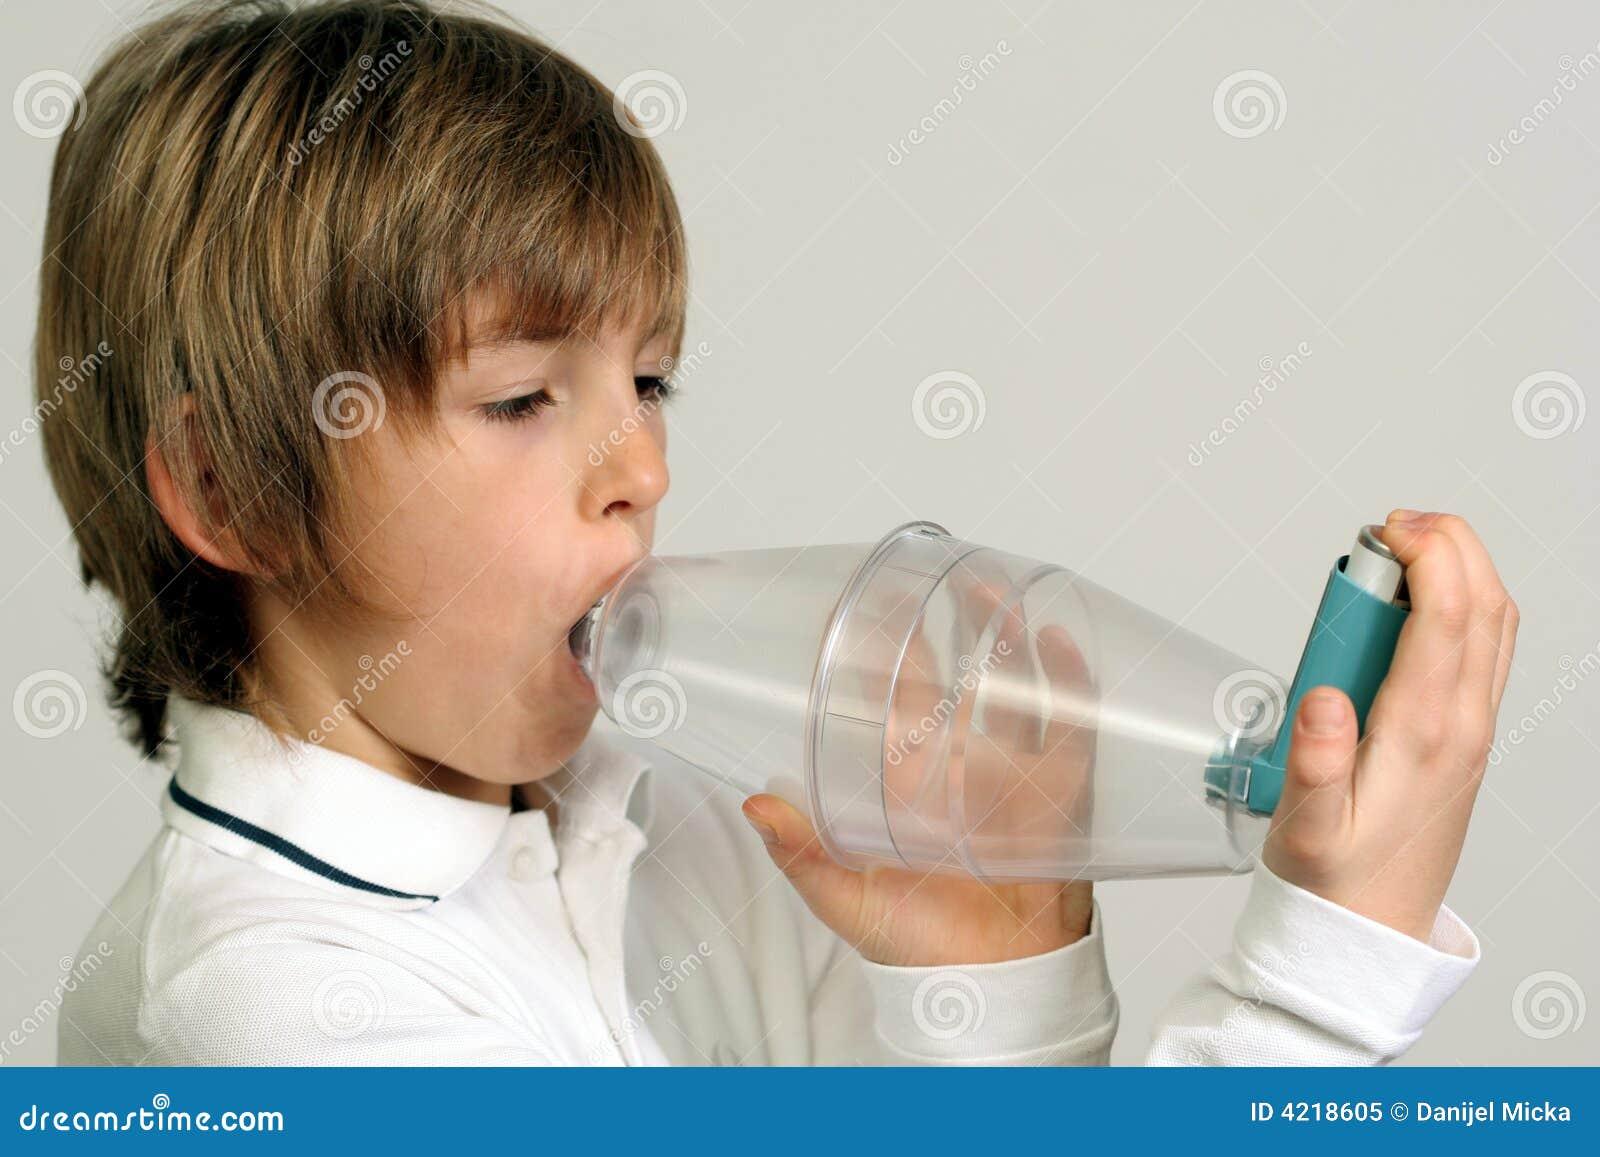 Asma - espaçador plástico